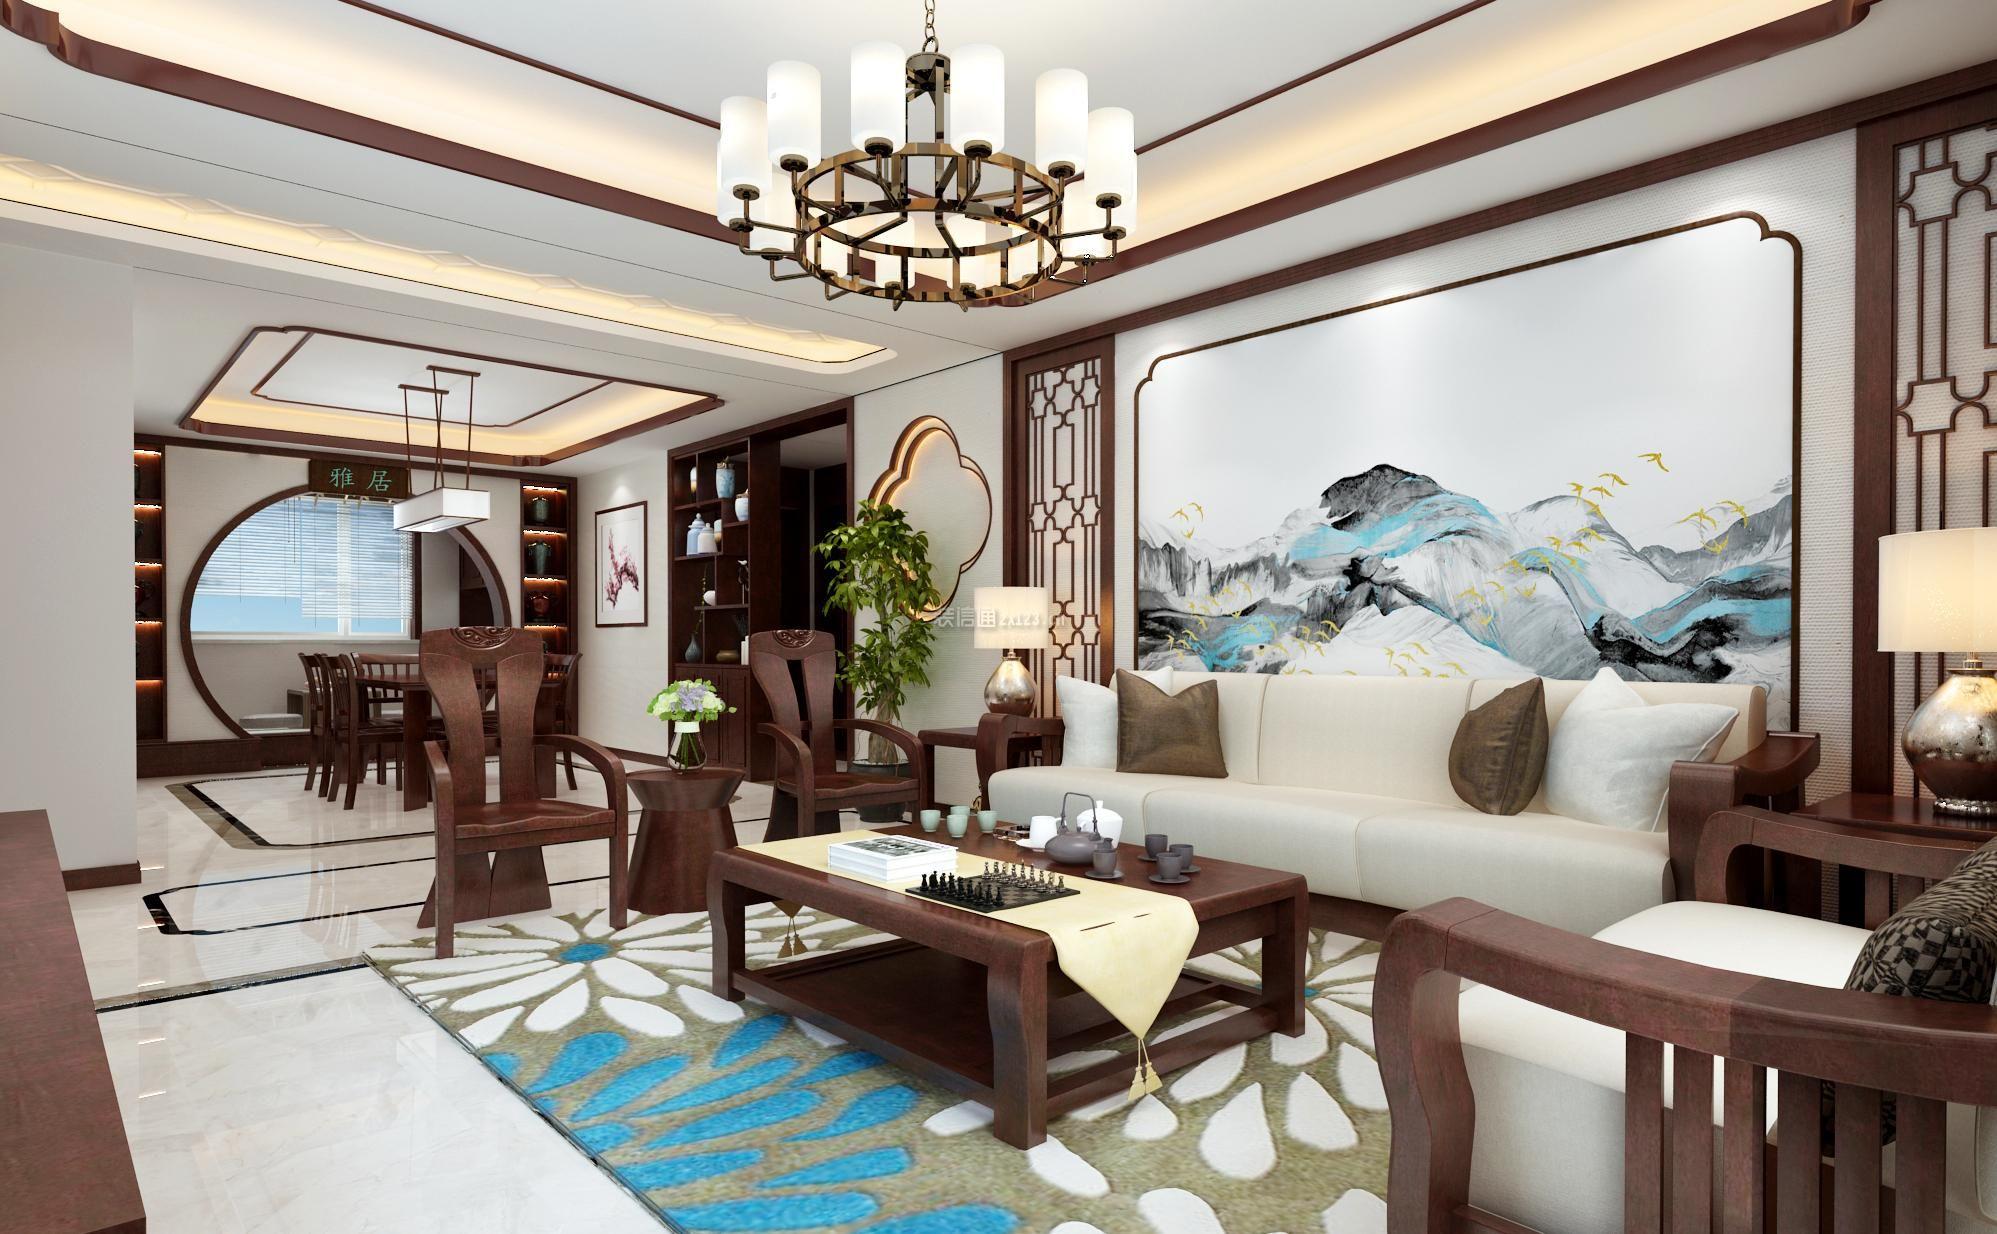 2018新中式风格家庭客厅沙发背景墙装修效果图